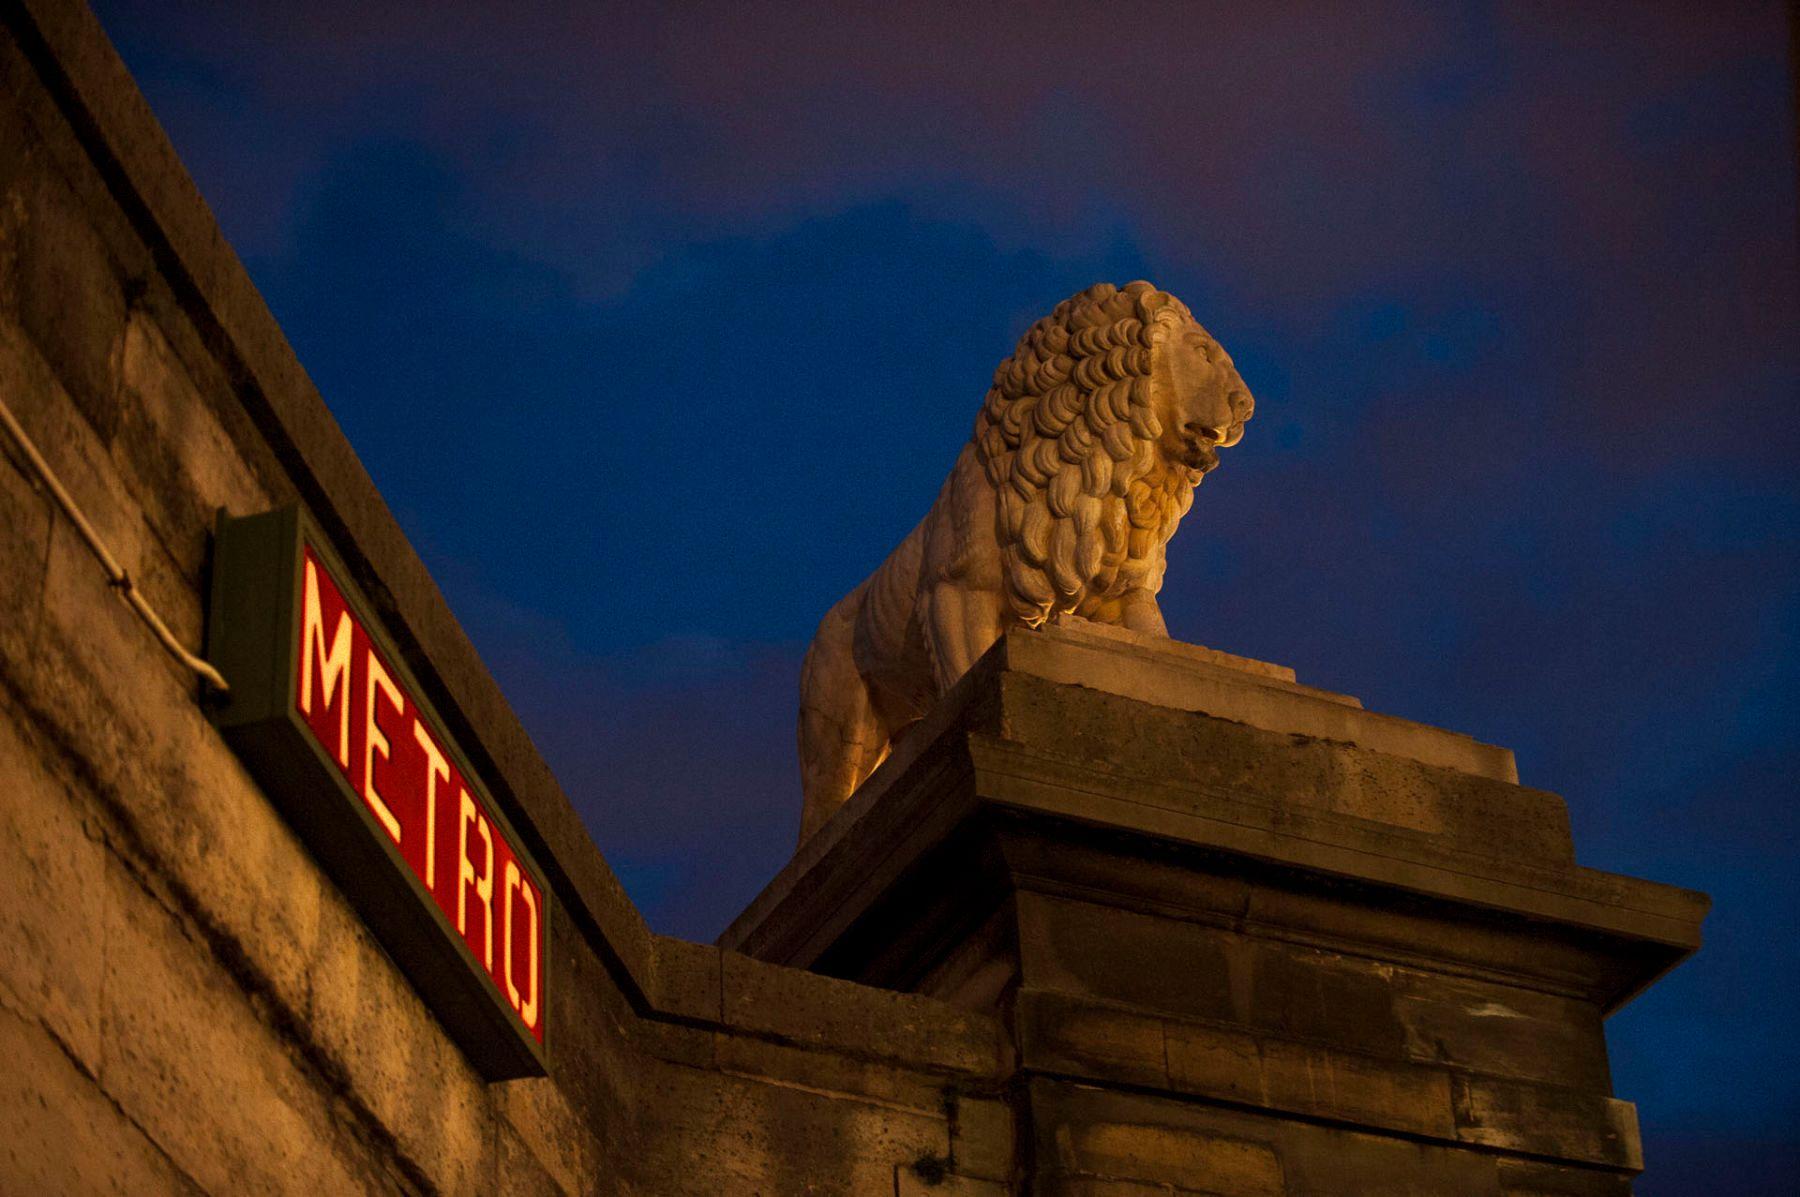 Lion statue and Metro stop, Place de la Concorde, Paris, France